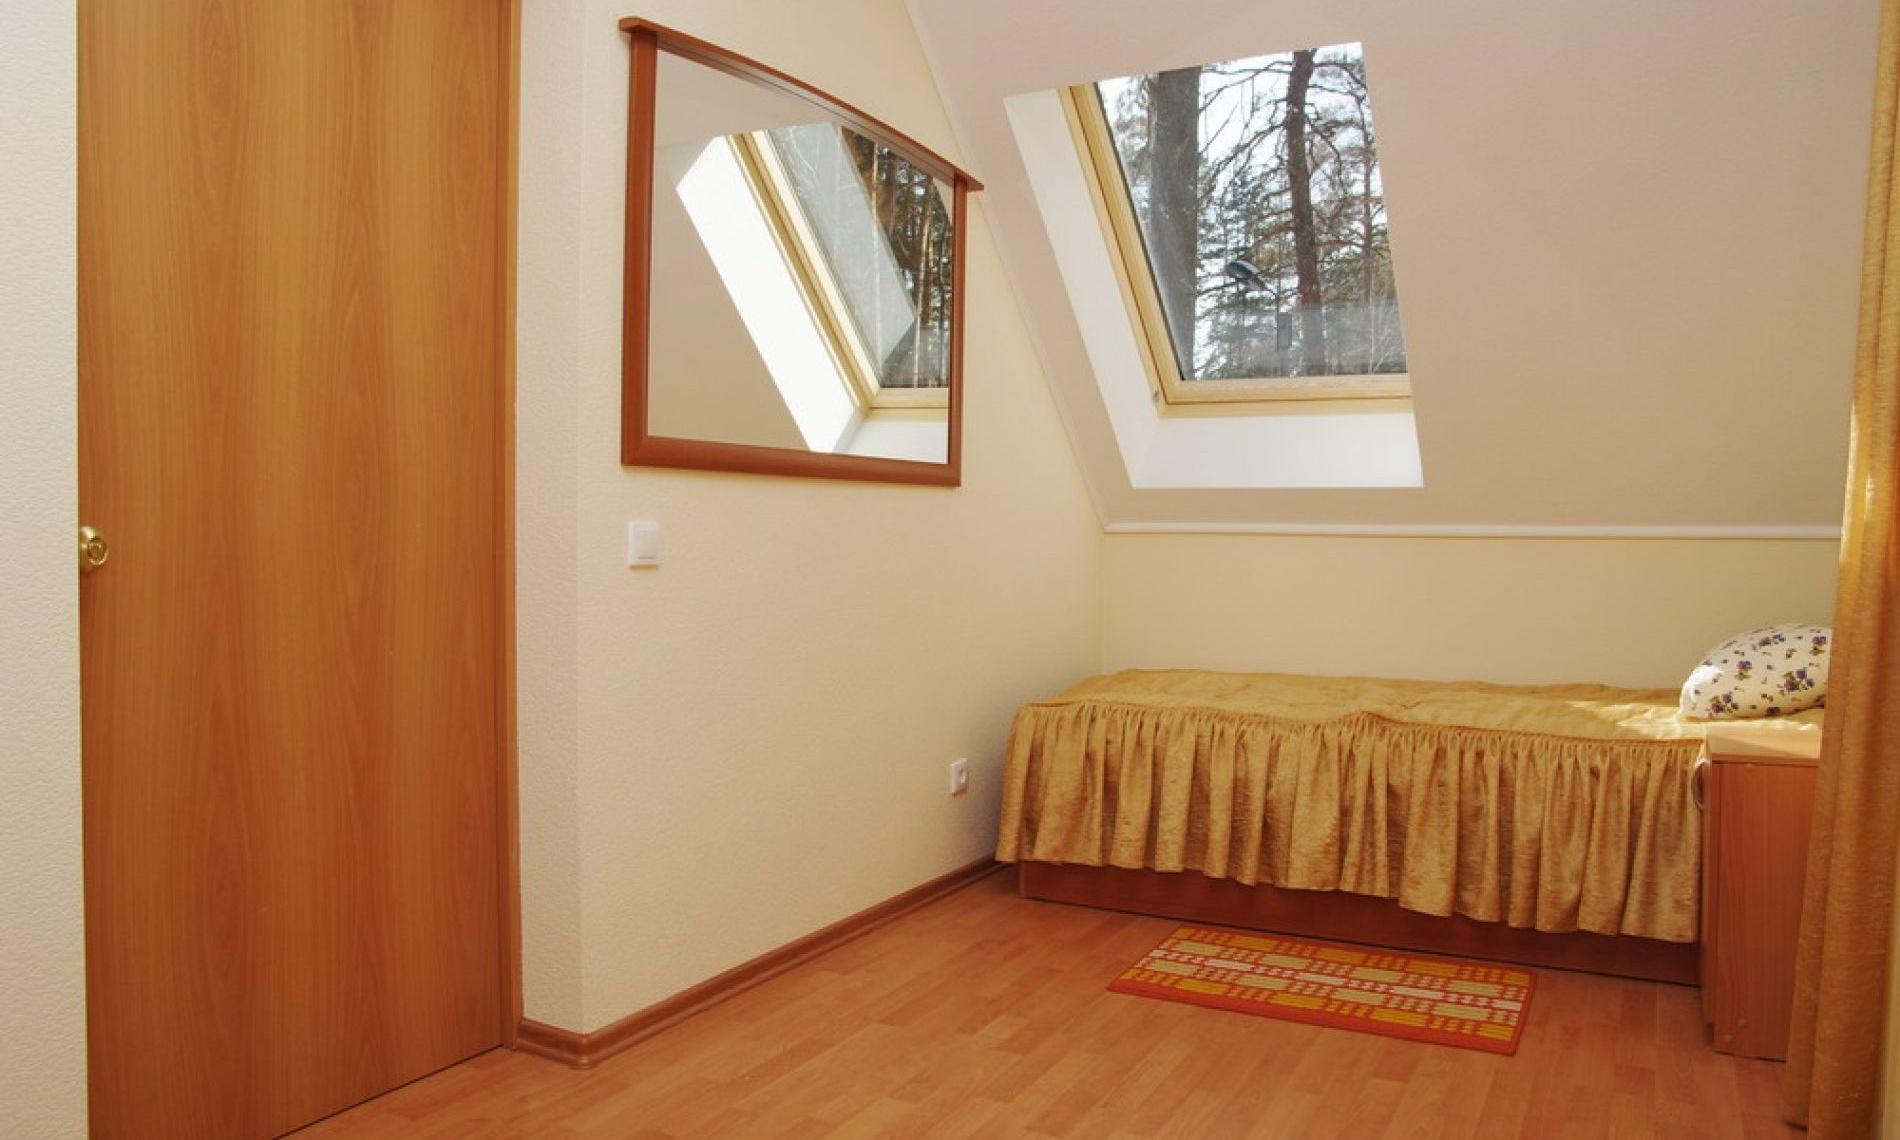 Загородный клуб «Волна» Самарская область 7-местный двухэтажный коттедж, фото 4